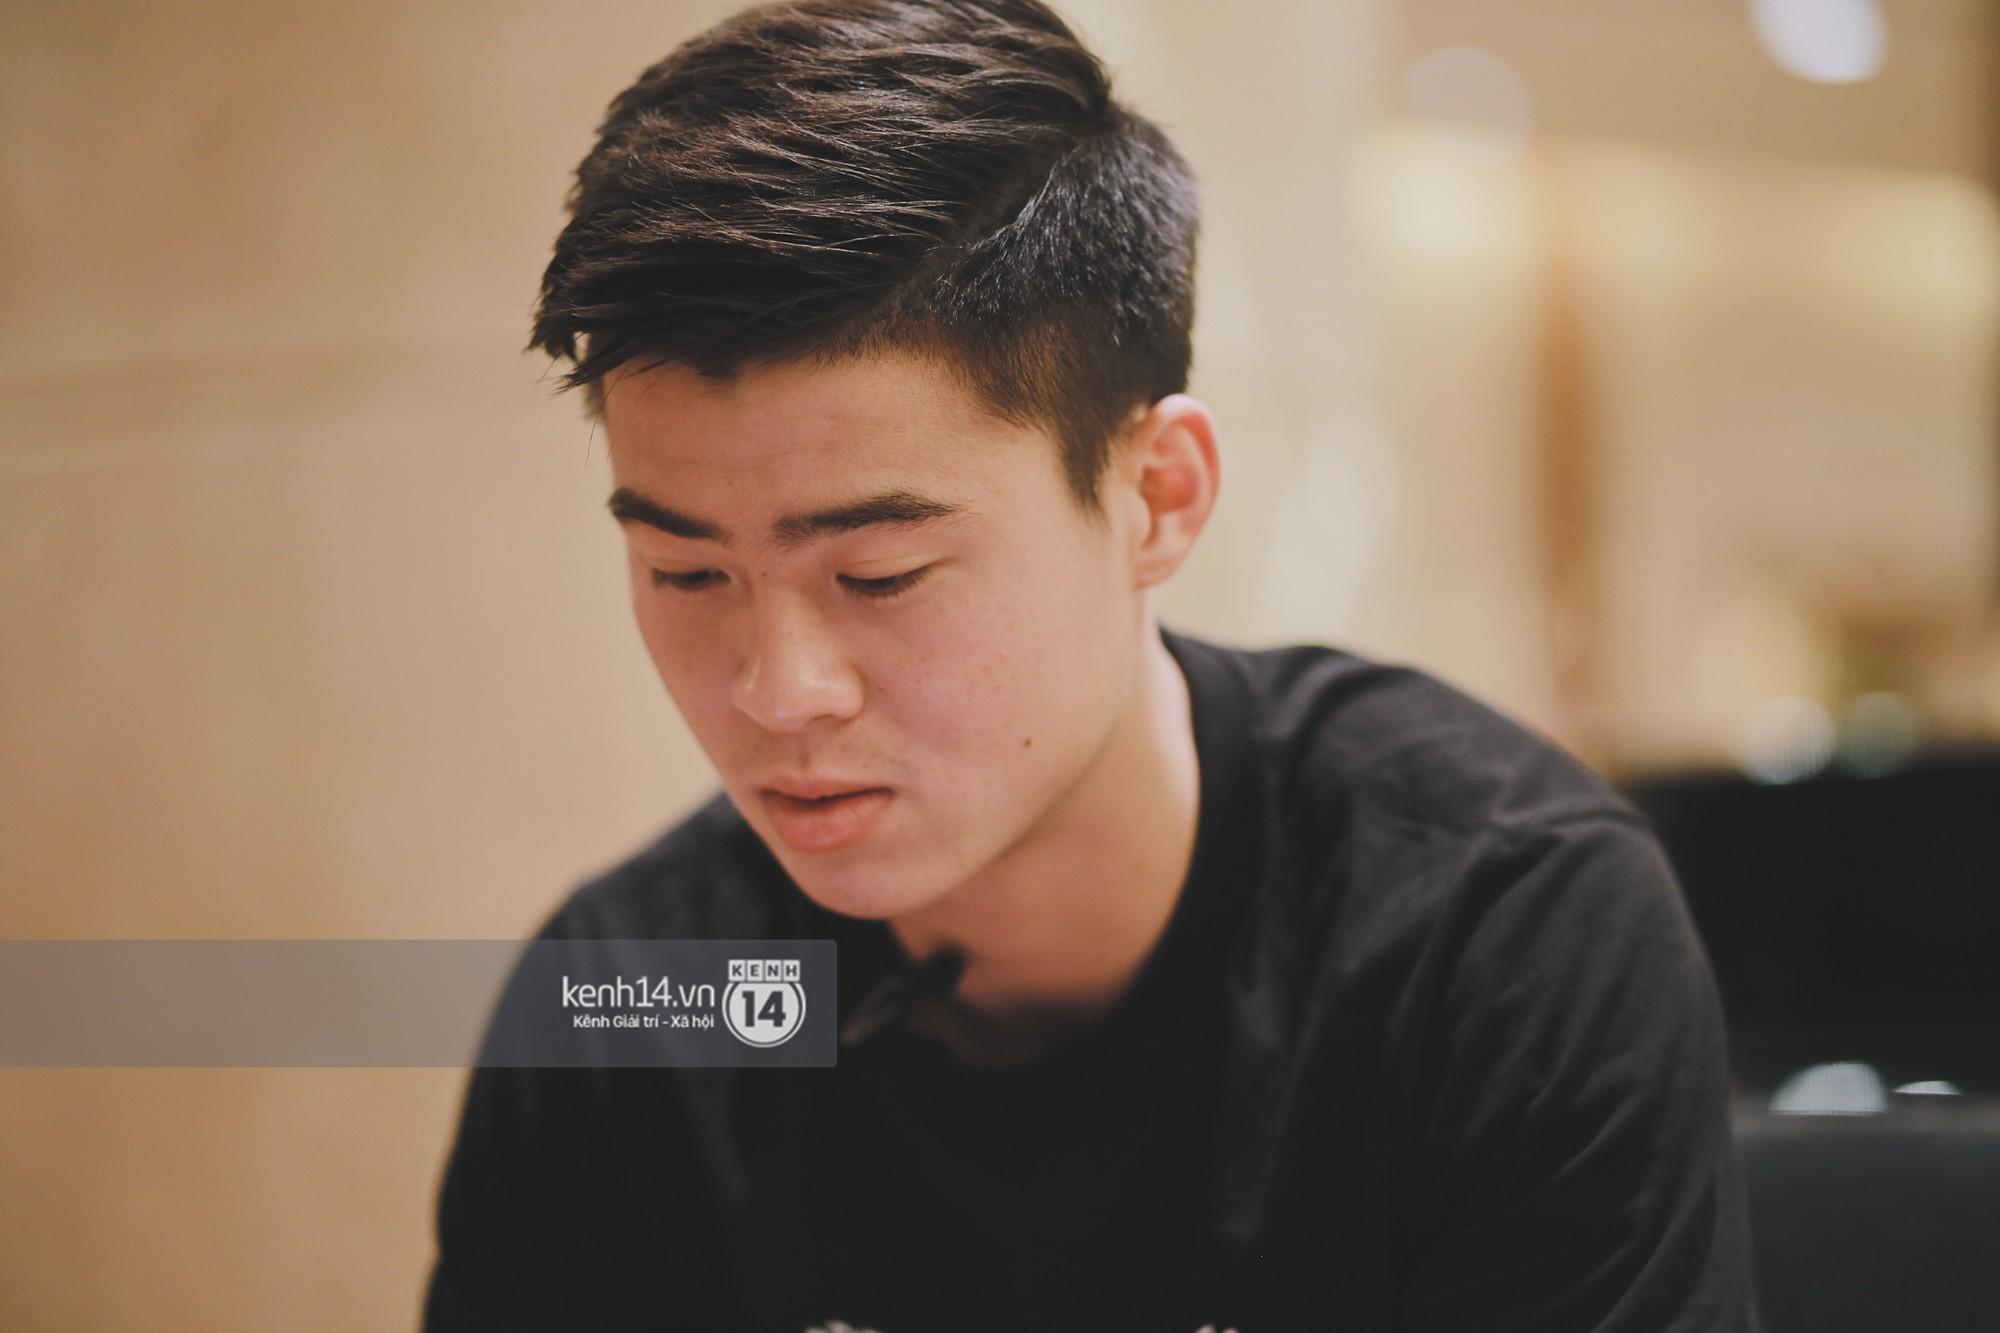 Hot boy Duy Mạnh U23: Trong đội chỉ có mình với Hồng Duy bán hàng online, nhưng thật ra là... đăng hộ bạn gái đấy! 9